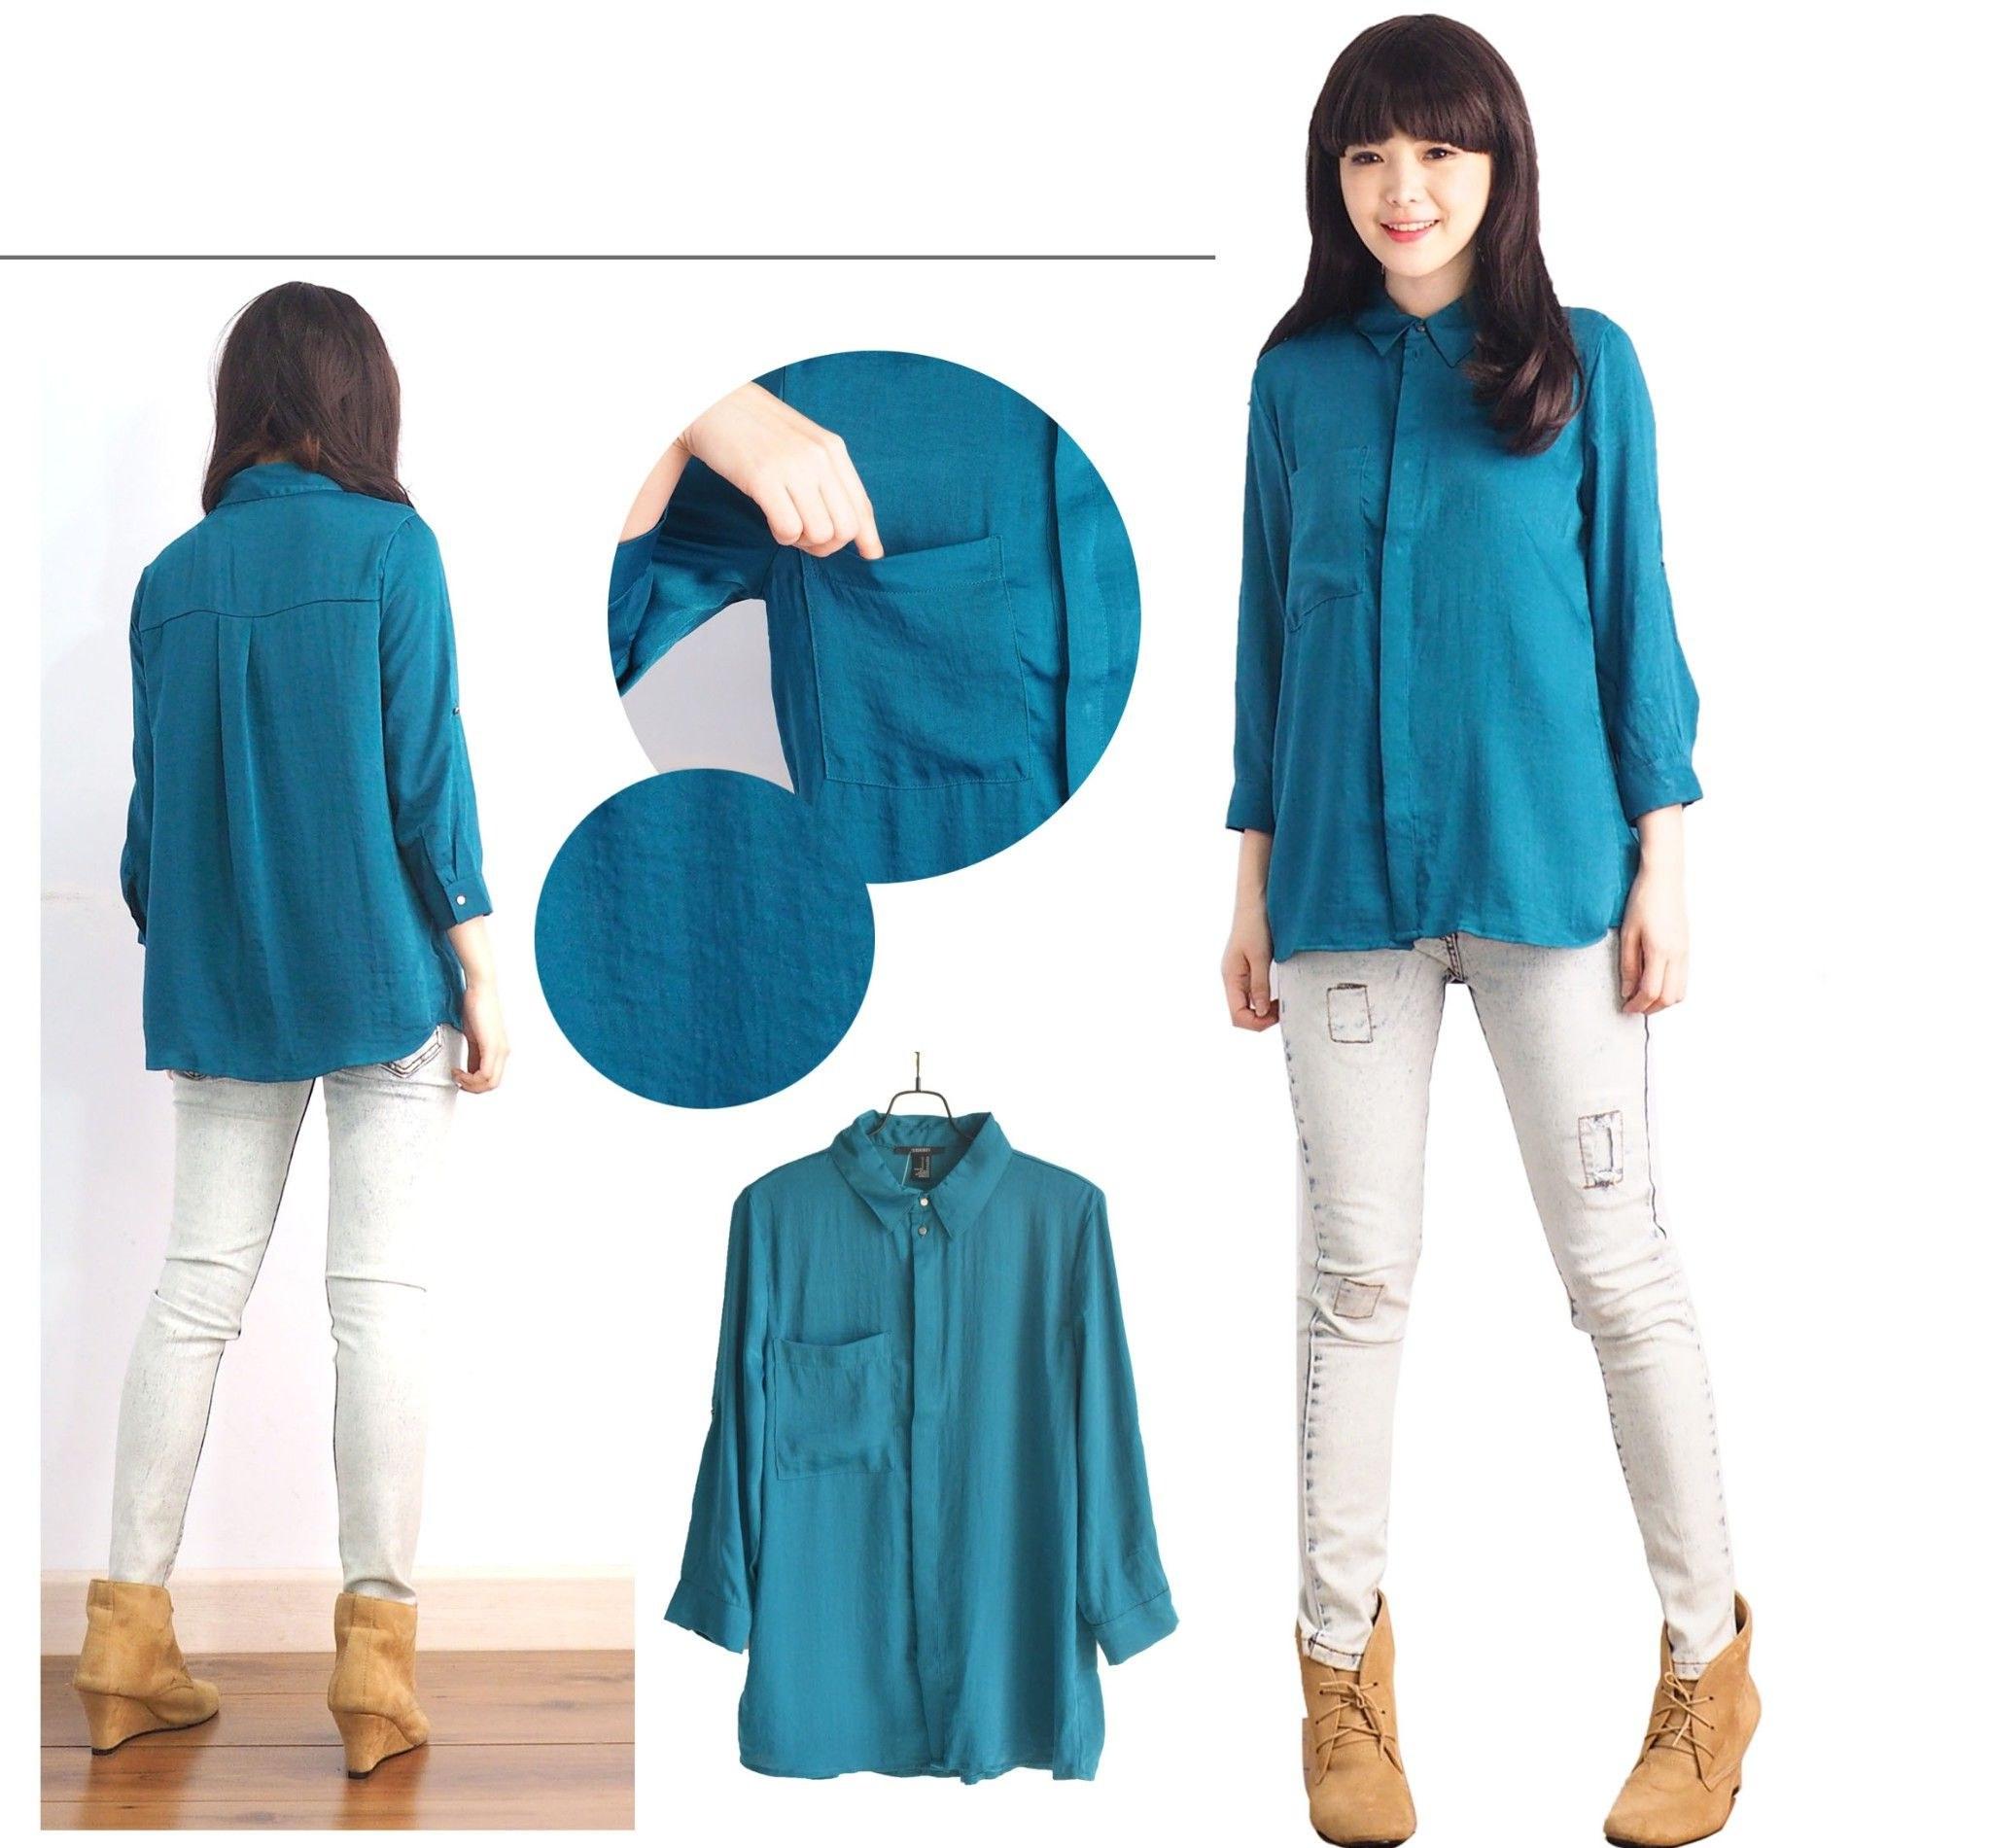 Design Baju Lebaran Anak Perempuan Ipdd Blouse Muslim Model Pakaian Wanita Terbaru Pakaian Bayi